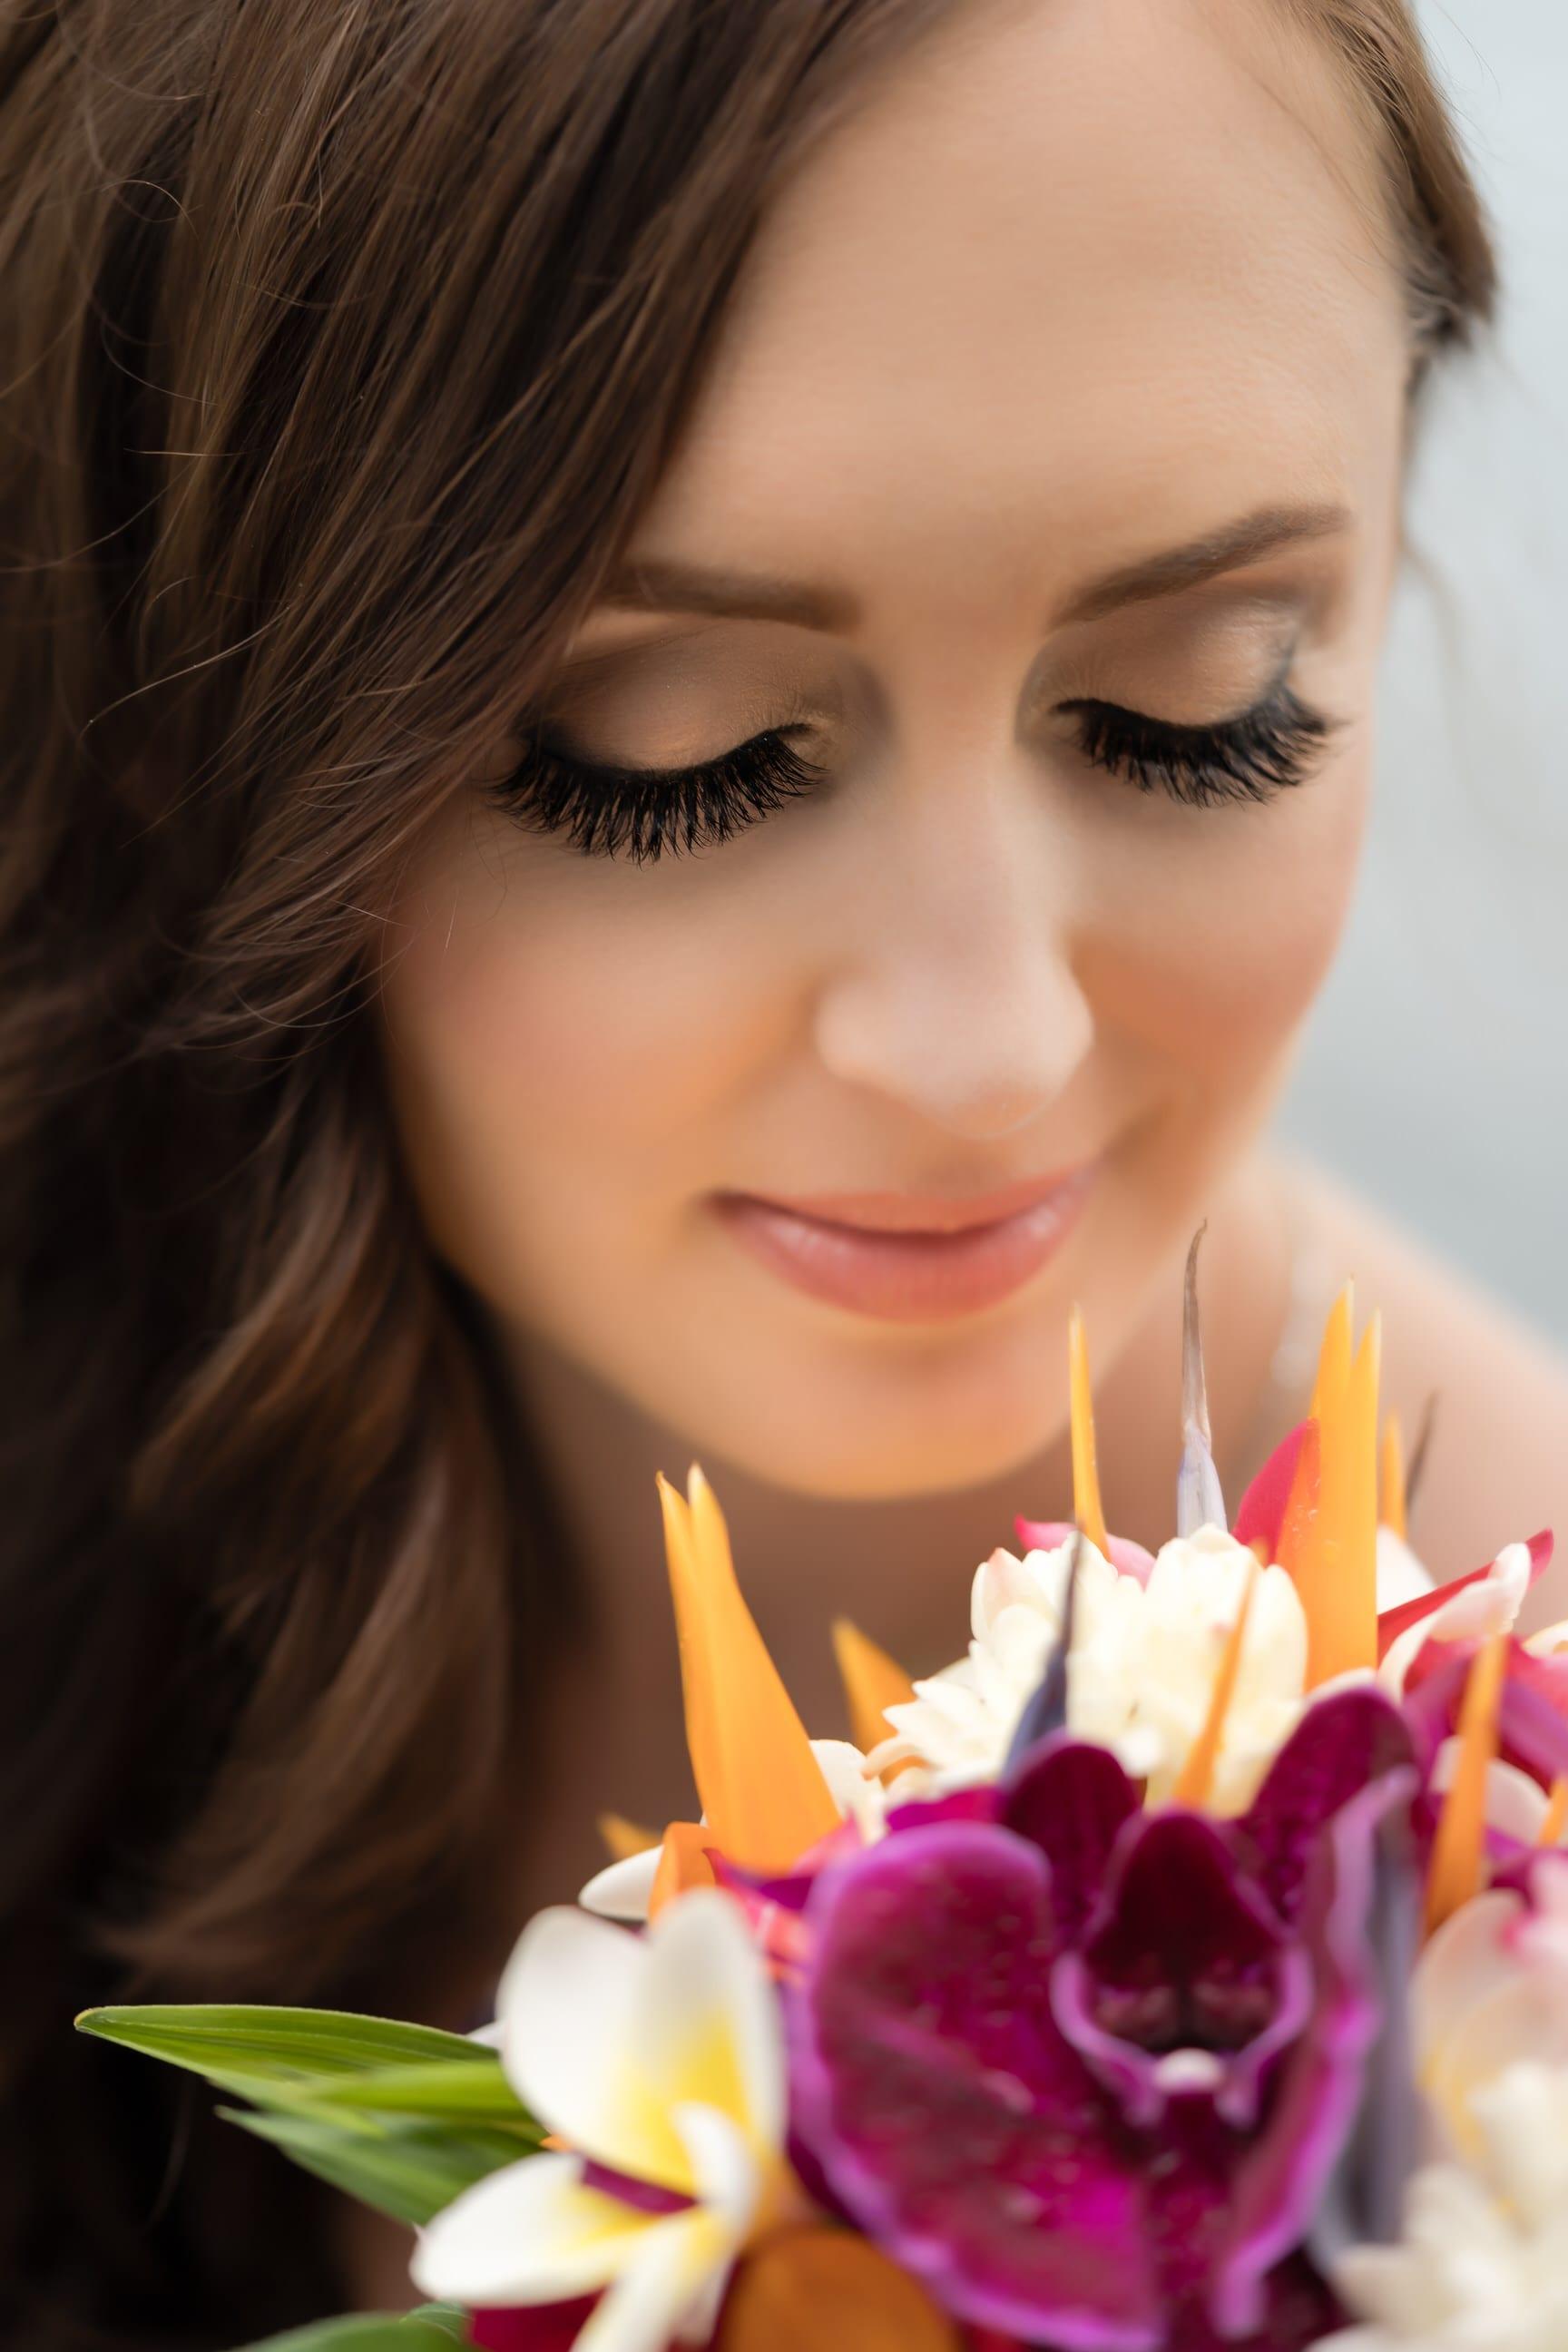 Big-Island-Hawaii-Jade-Keyes-Derrick-Alig-Daylight-Mind-Kailua-Kona-Hawaii-Wedding1.jpg